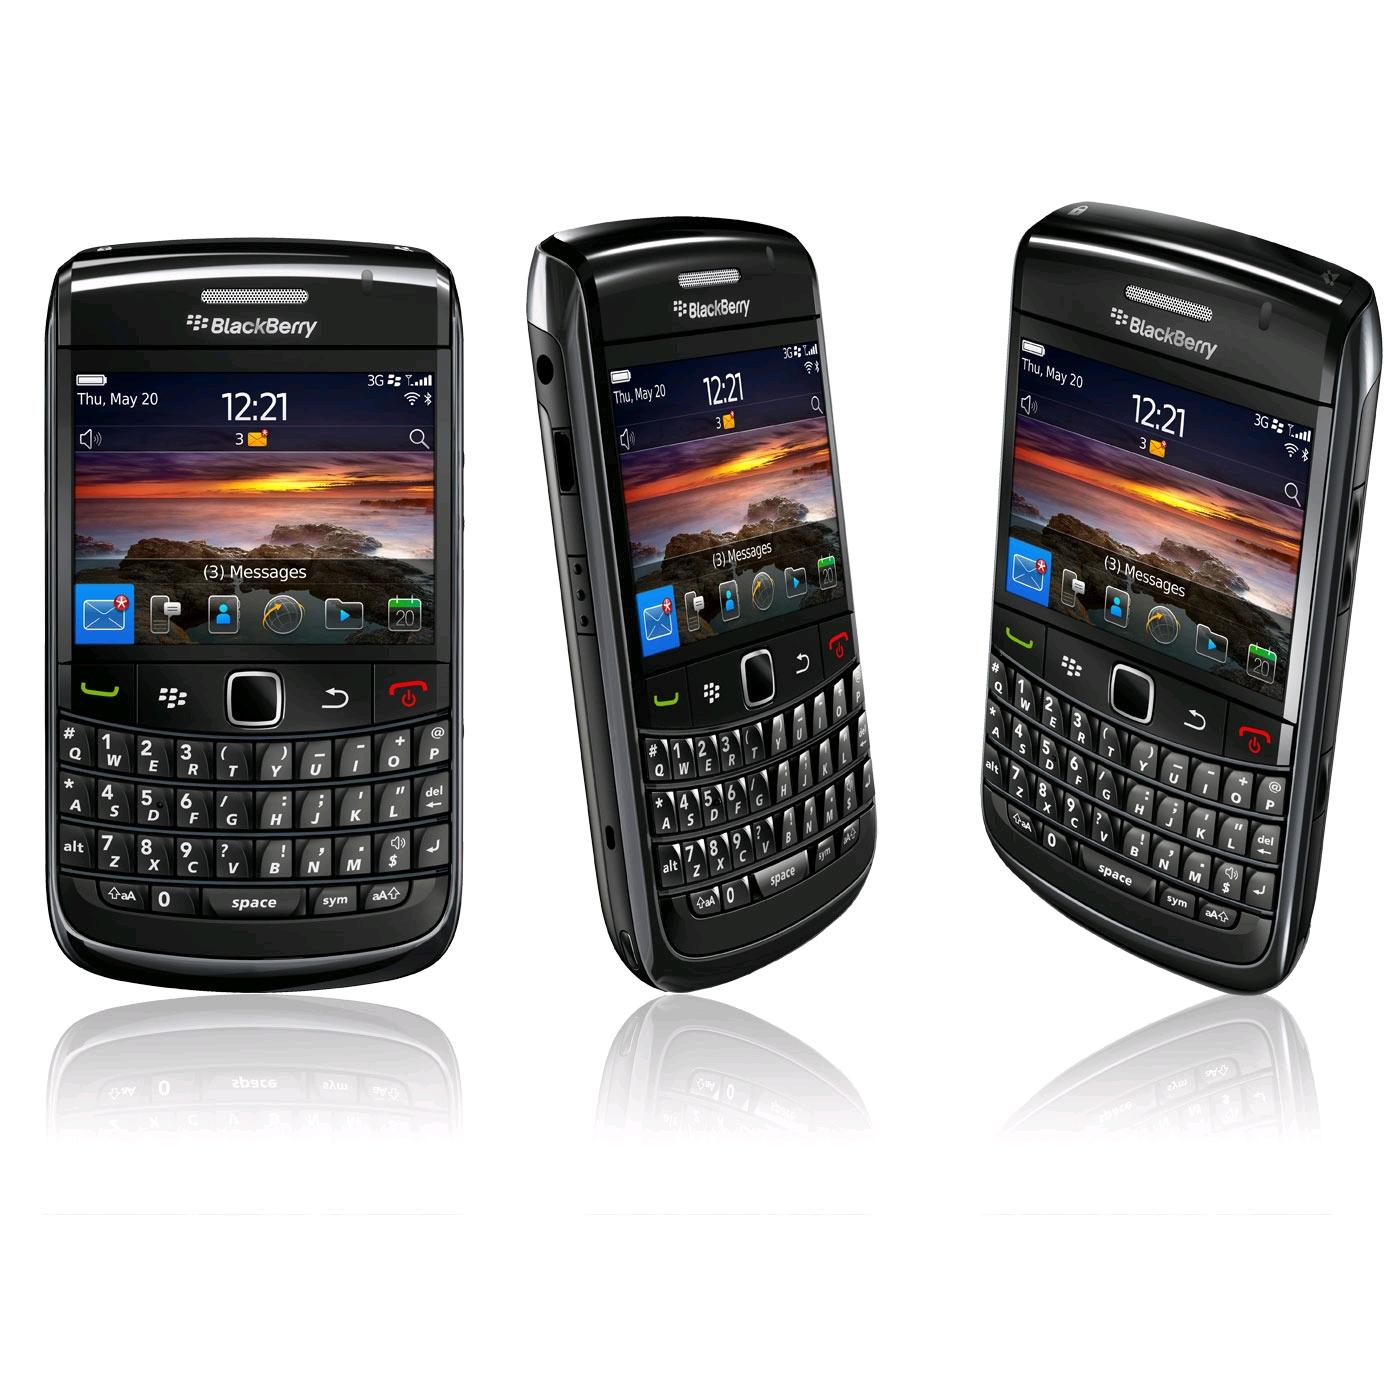 http://3.bp.blogspot.com/-vLA1zUhADxE/TdsShZYqRKI/AAAAAAAAABI/HmYAUZbkAPo/s1600/T-Mobile-BlackBerry-Bold-9780-Video-Review-.jpg